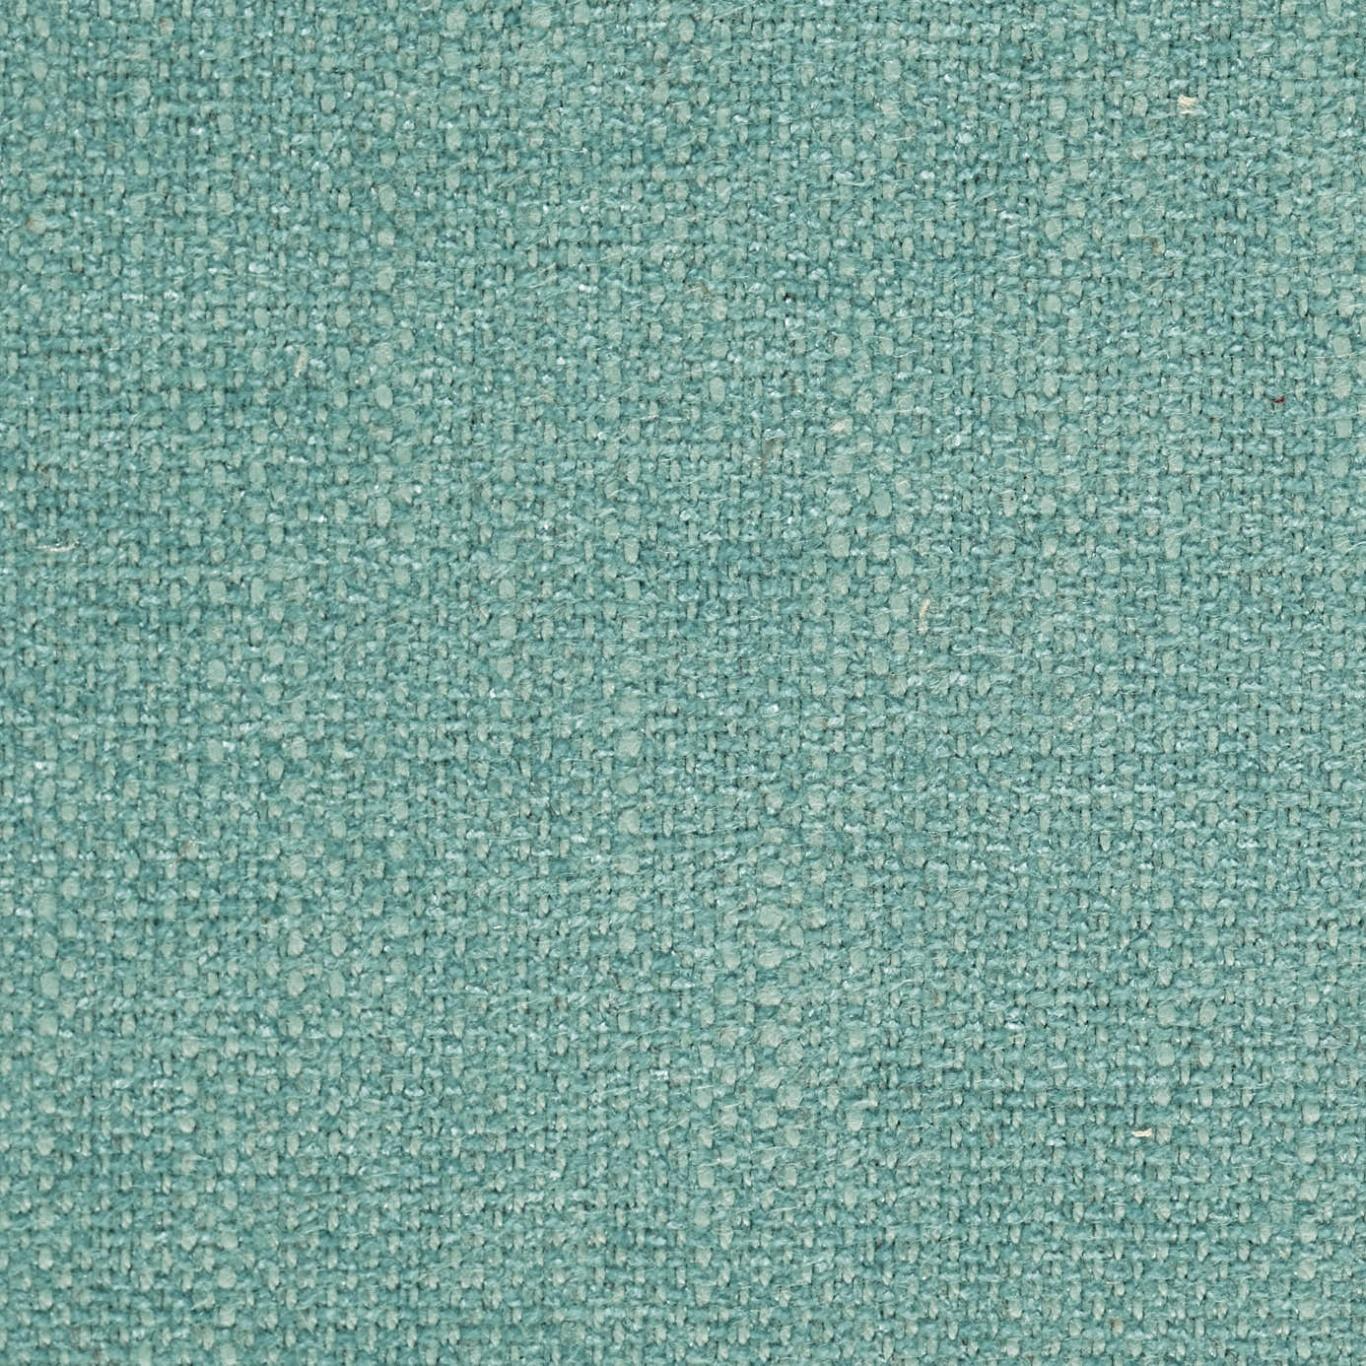 Image of Harlequin Molecule Lapis Fabric 440192